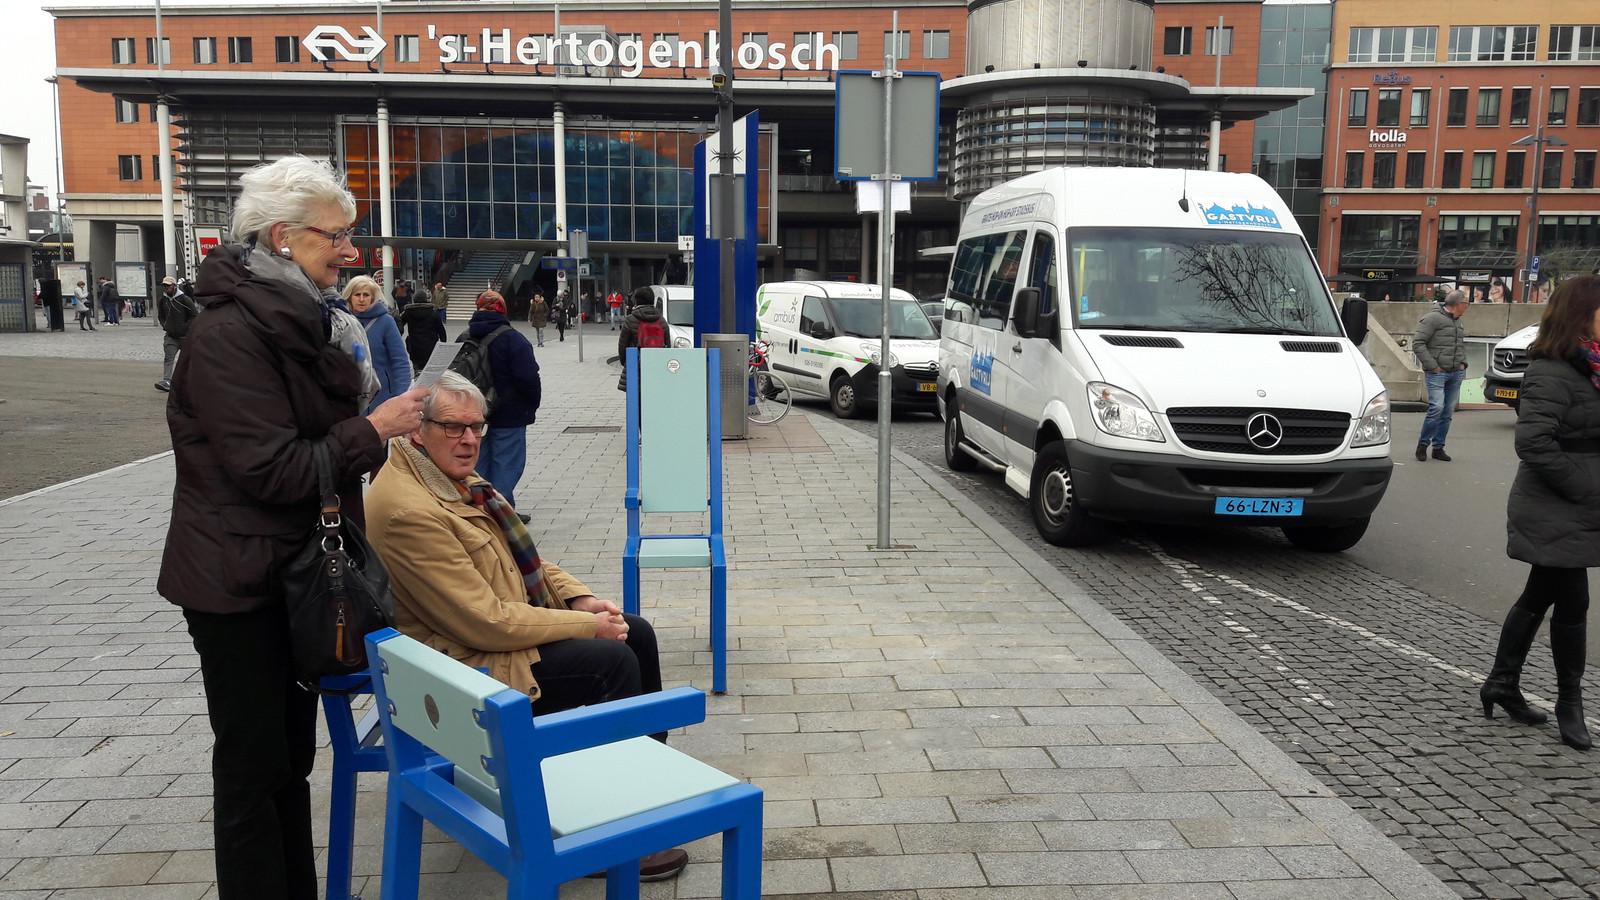 De blauwe bankjes langs de route van de gratis stadsbussen van de Blauwe Engelen